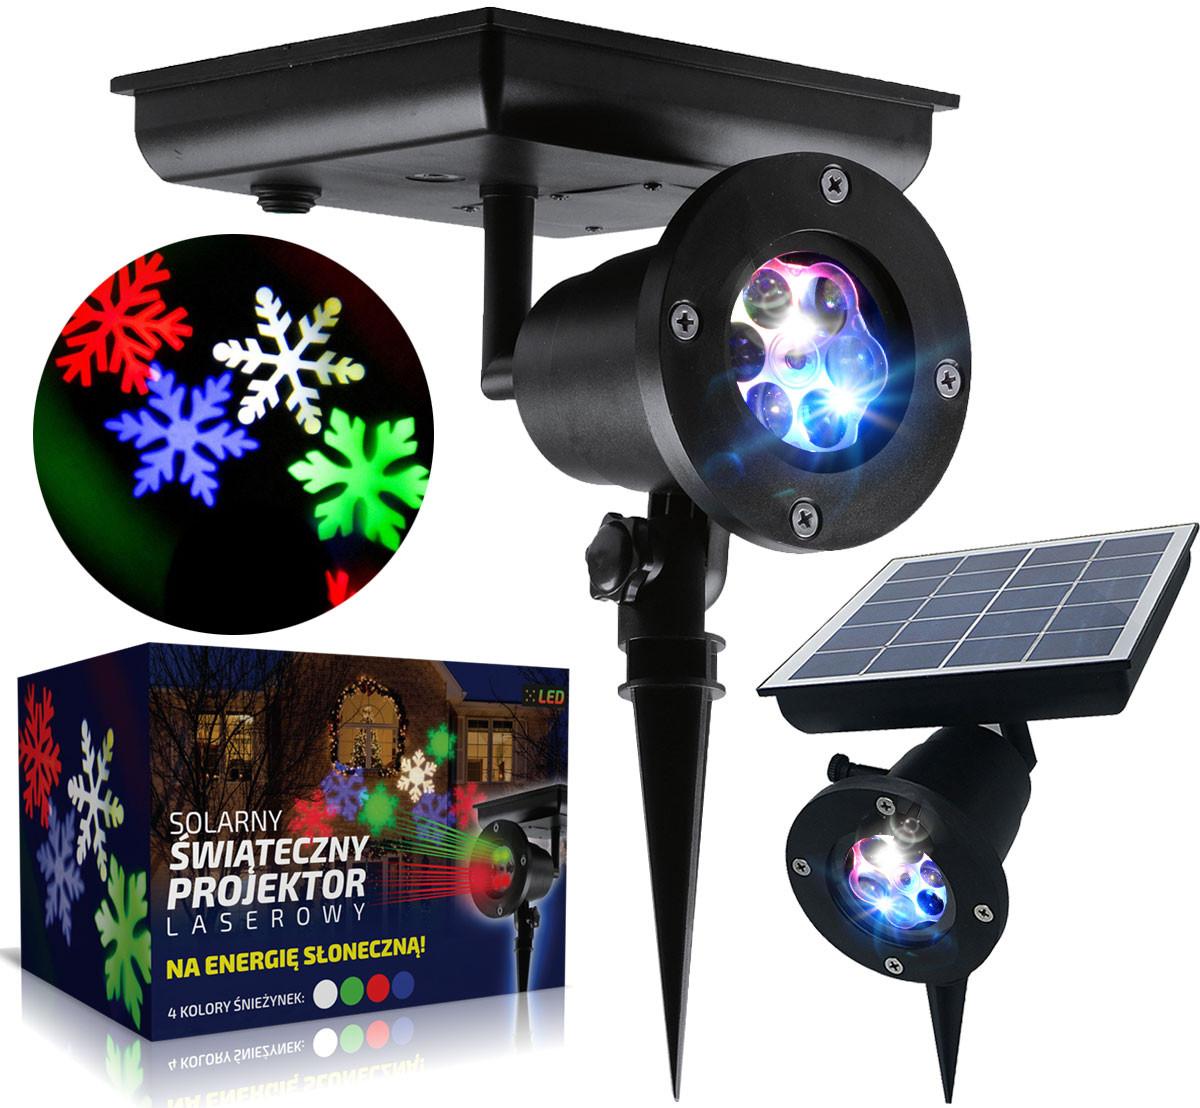 Projektor laserowy świąteczny od boku i od góry